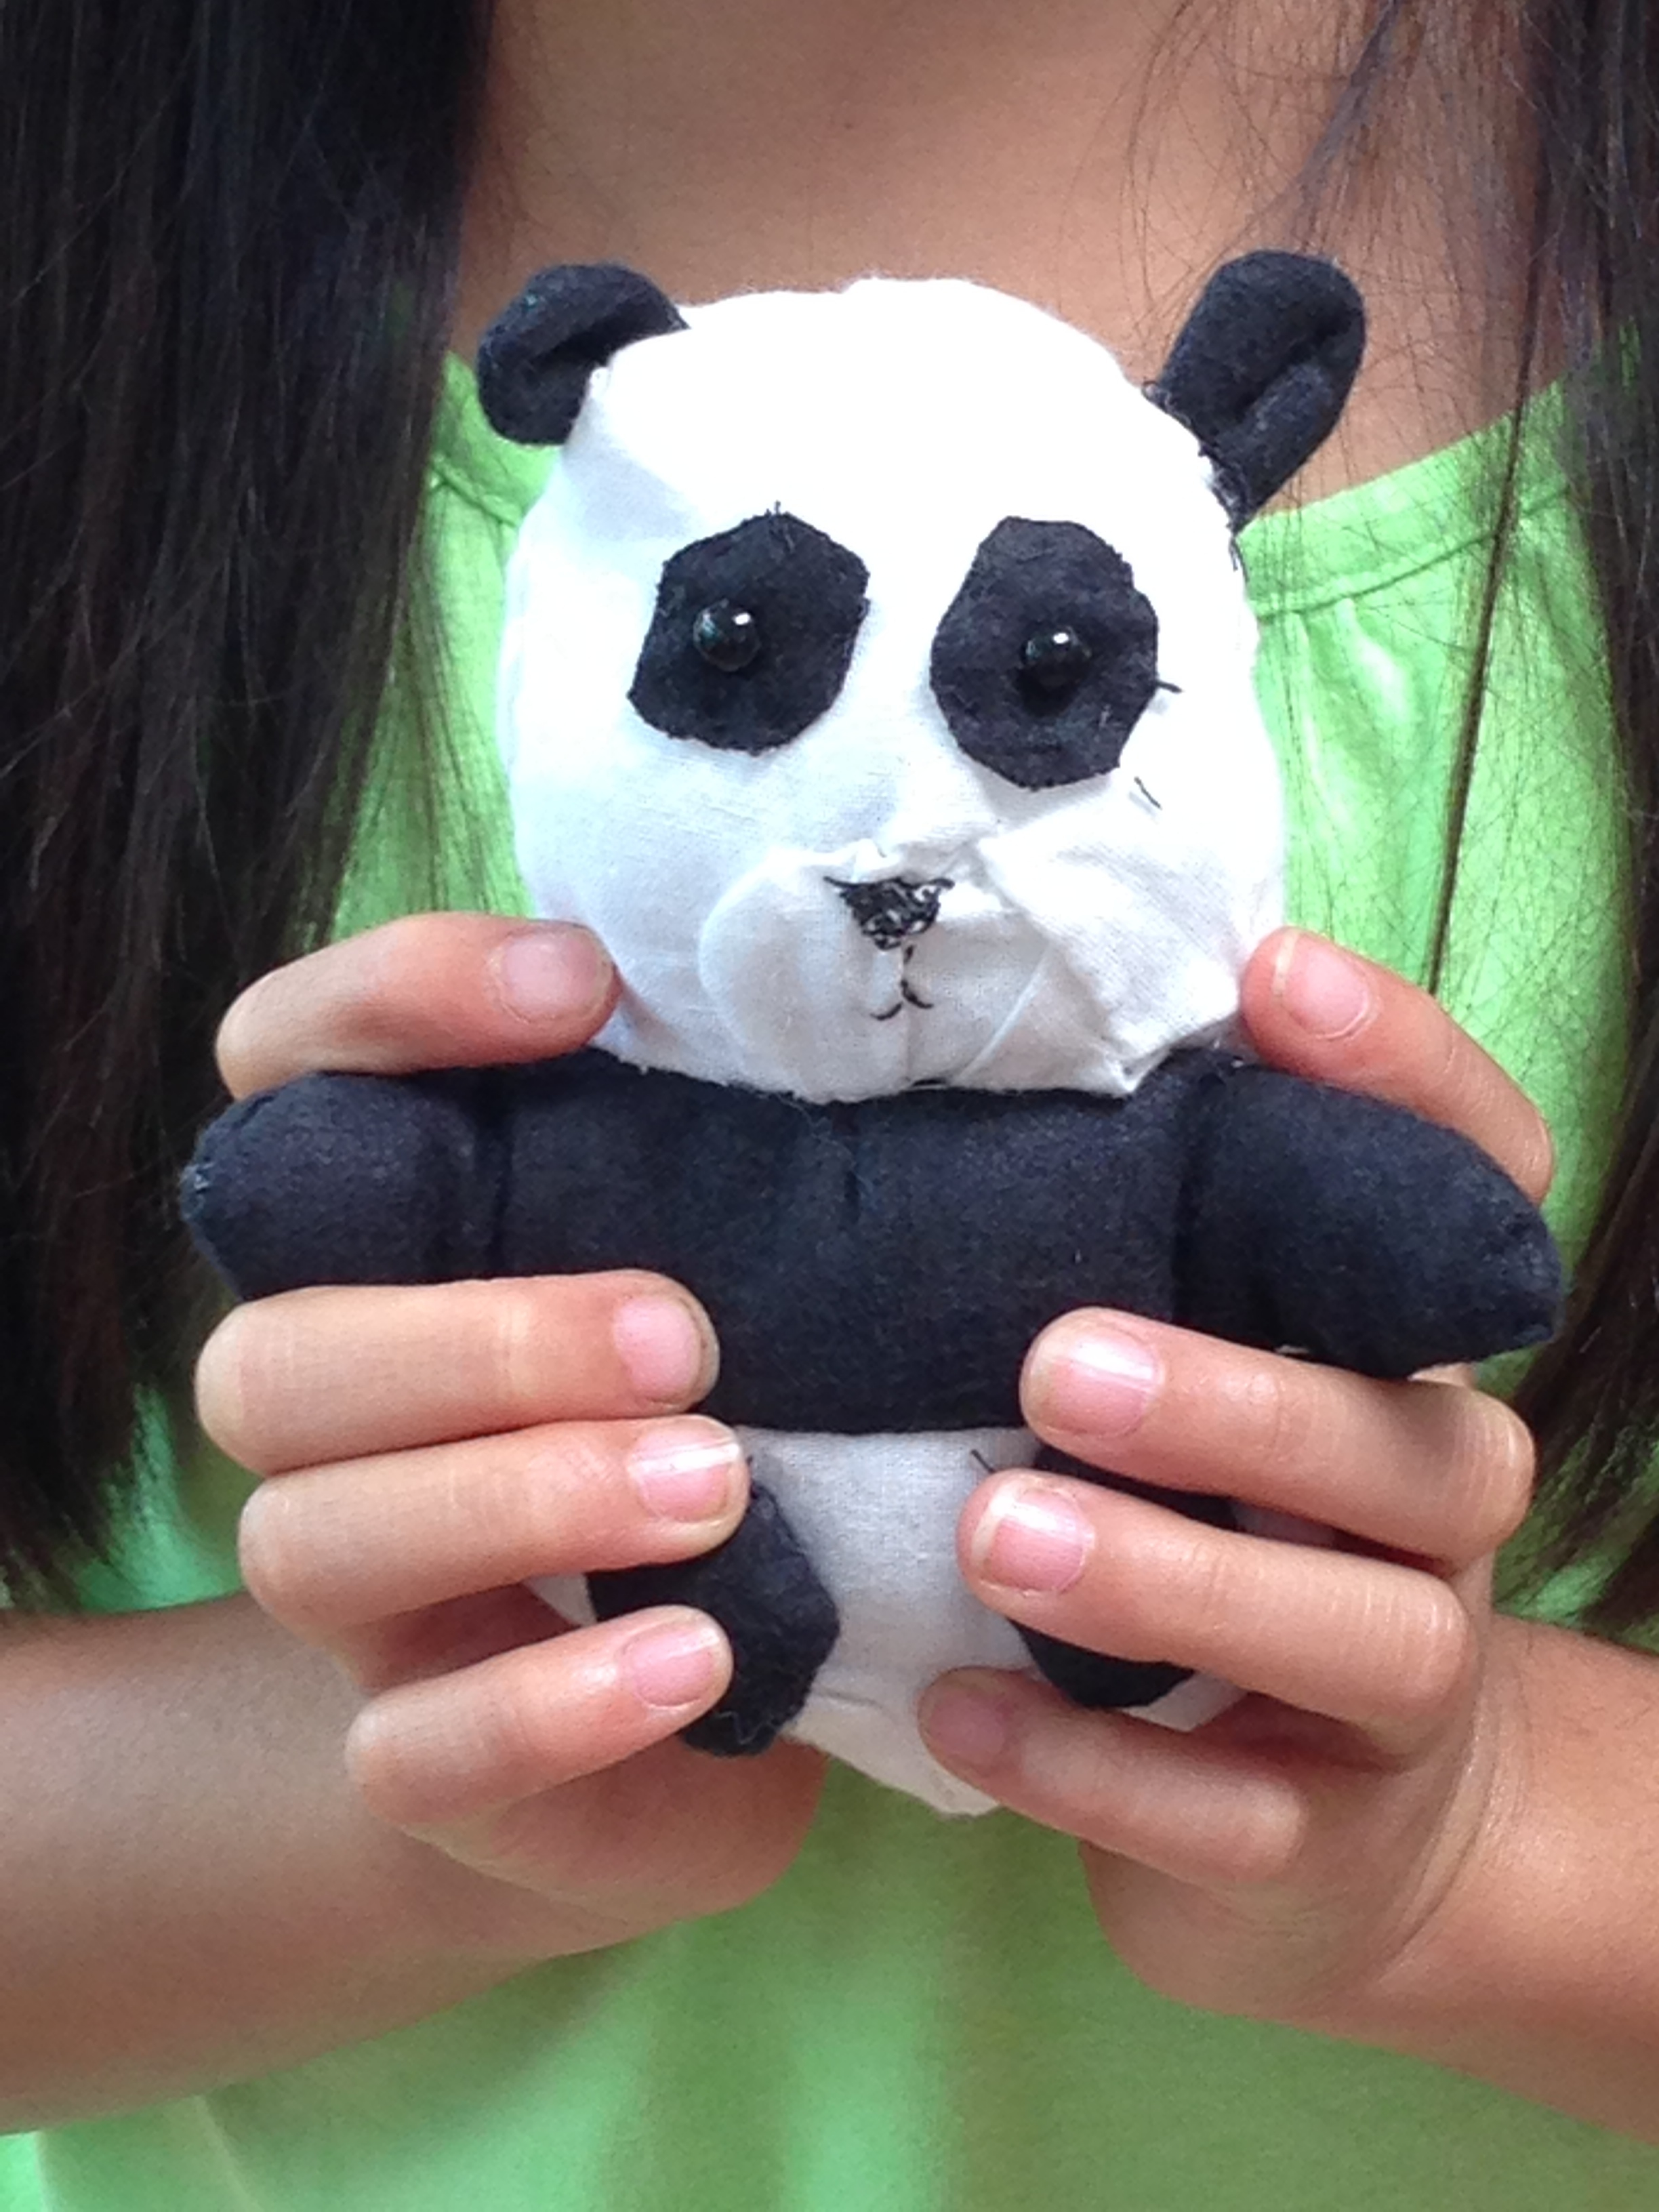 Close-up of mini-panda.